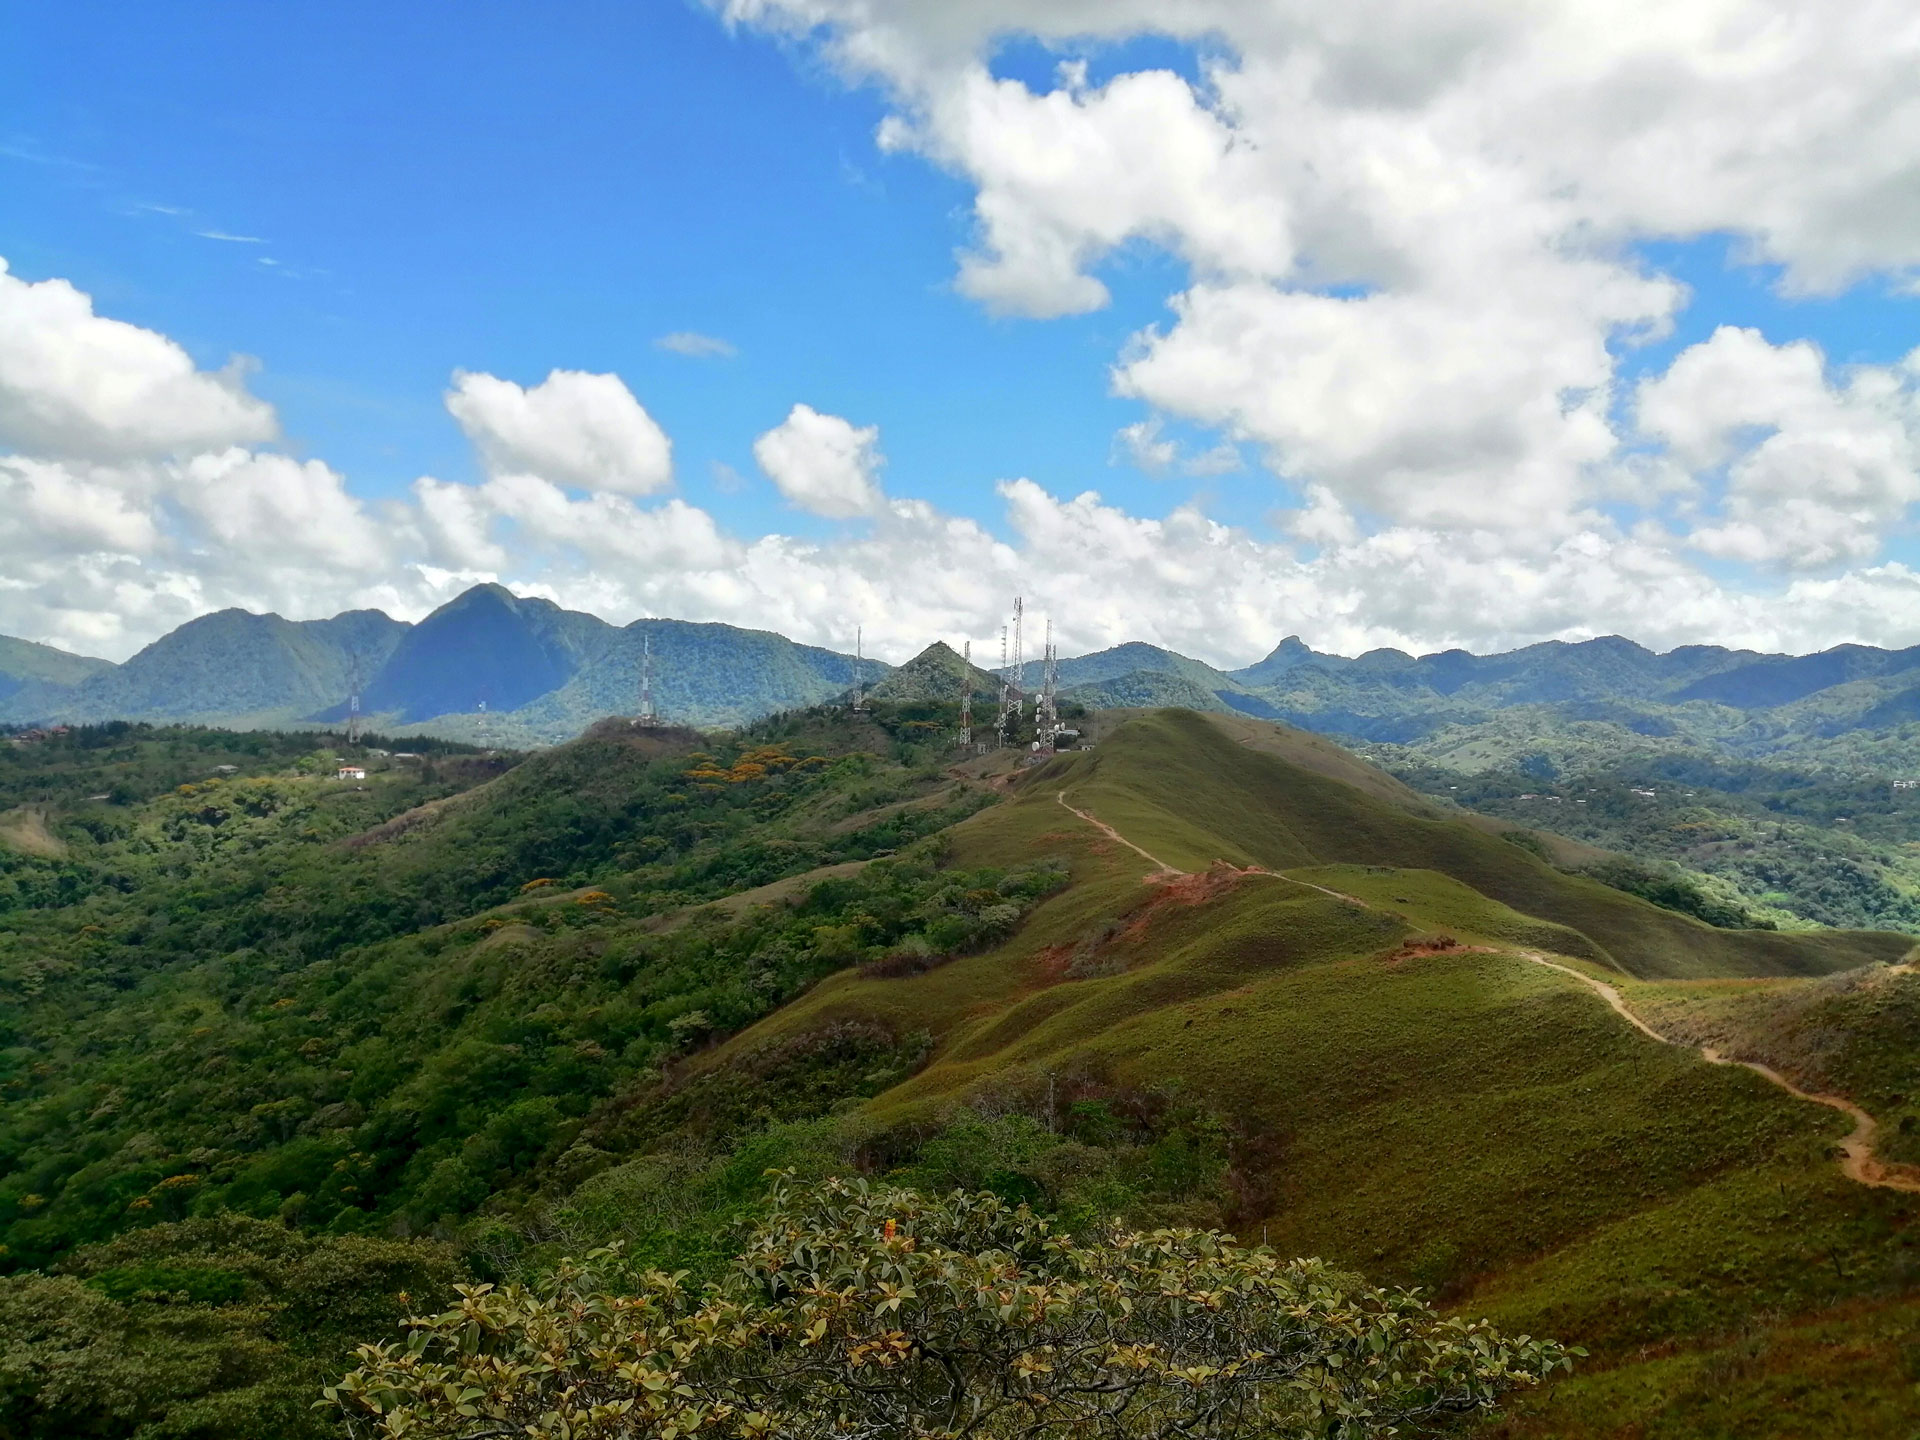 Escalando en Cerro La Silla